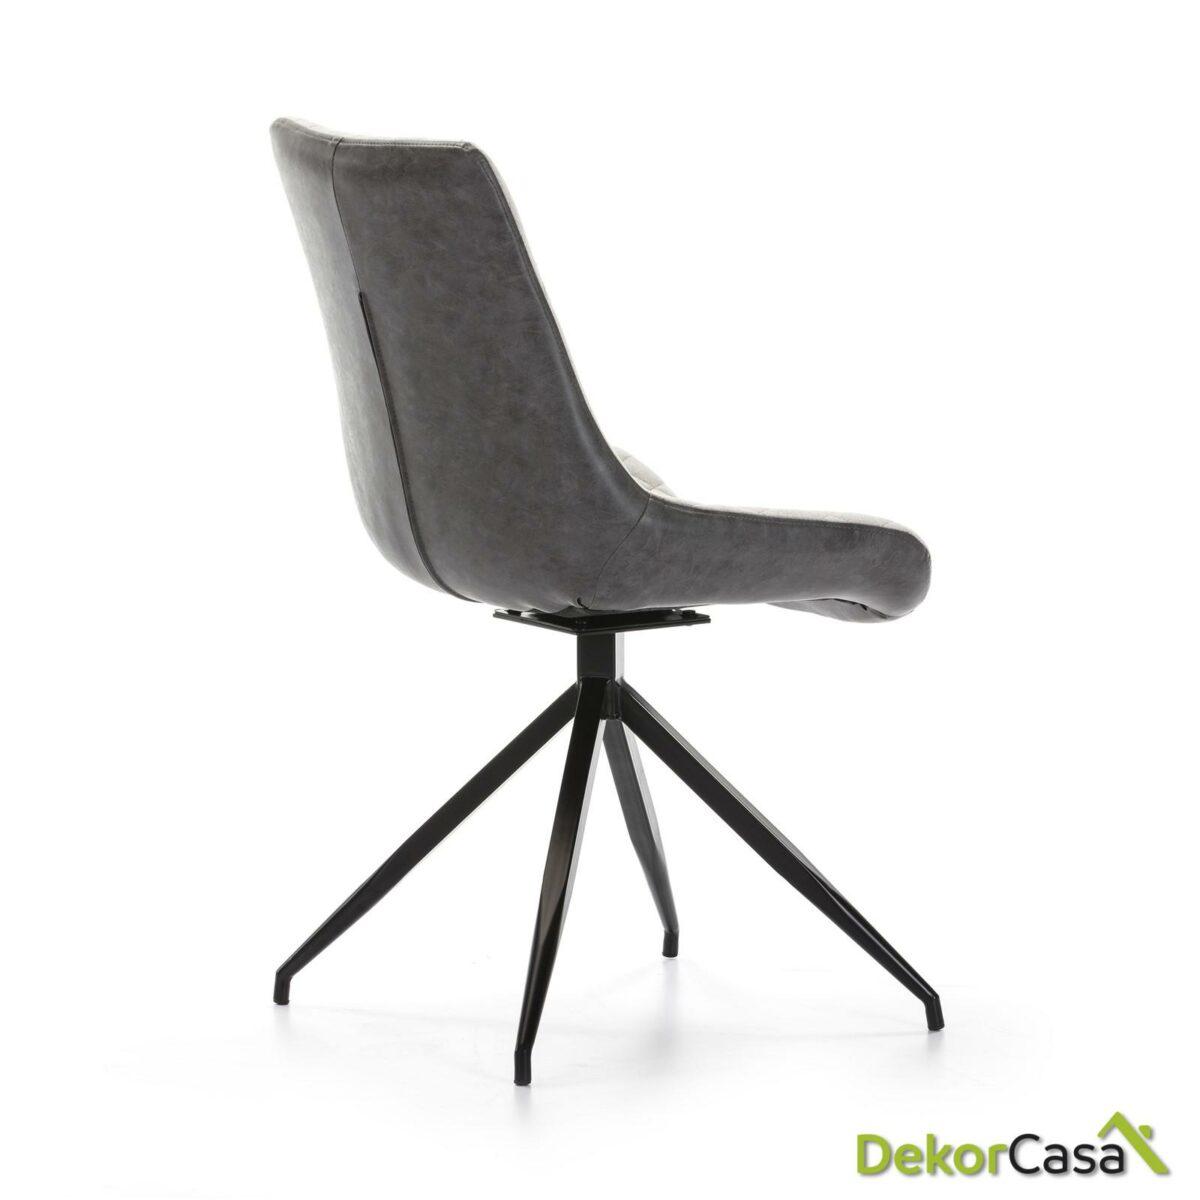 silla dc 118 combinado gris dh 2